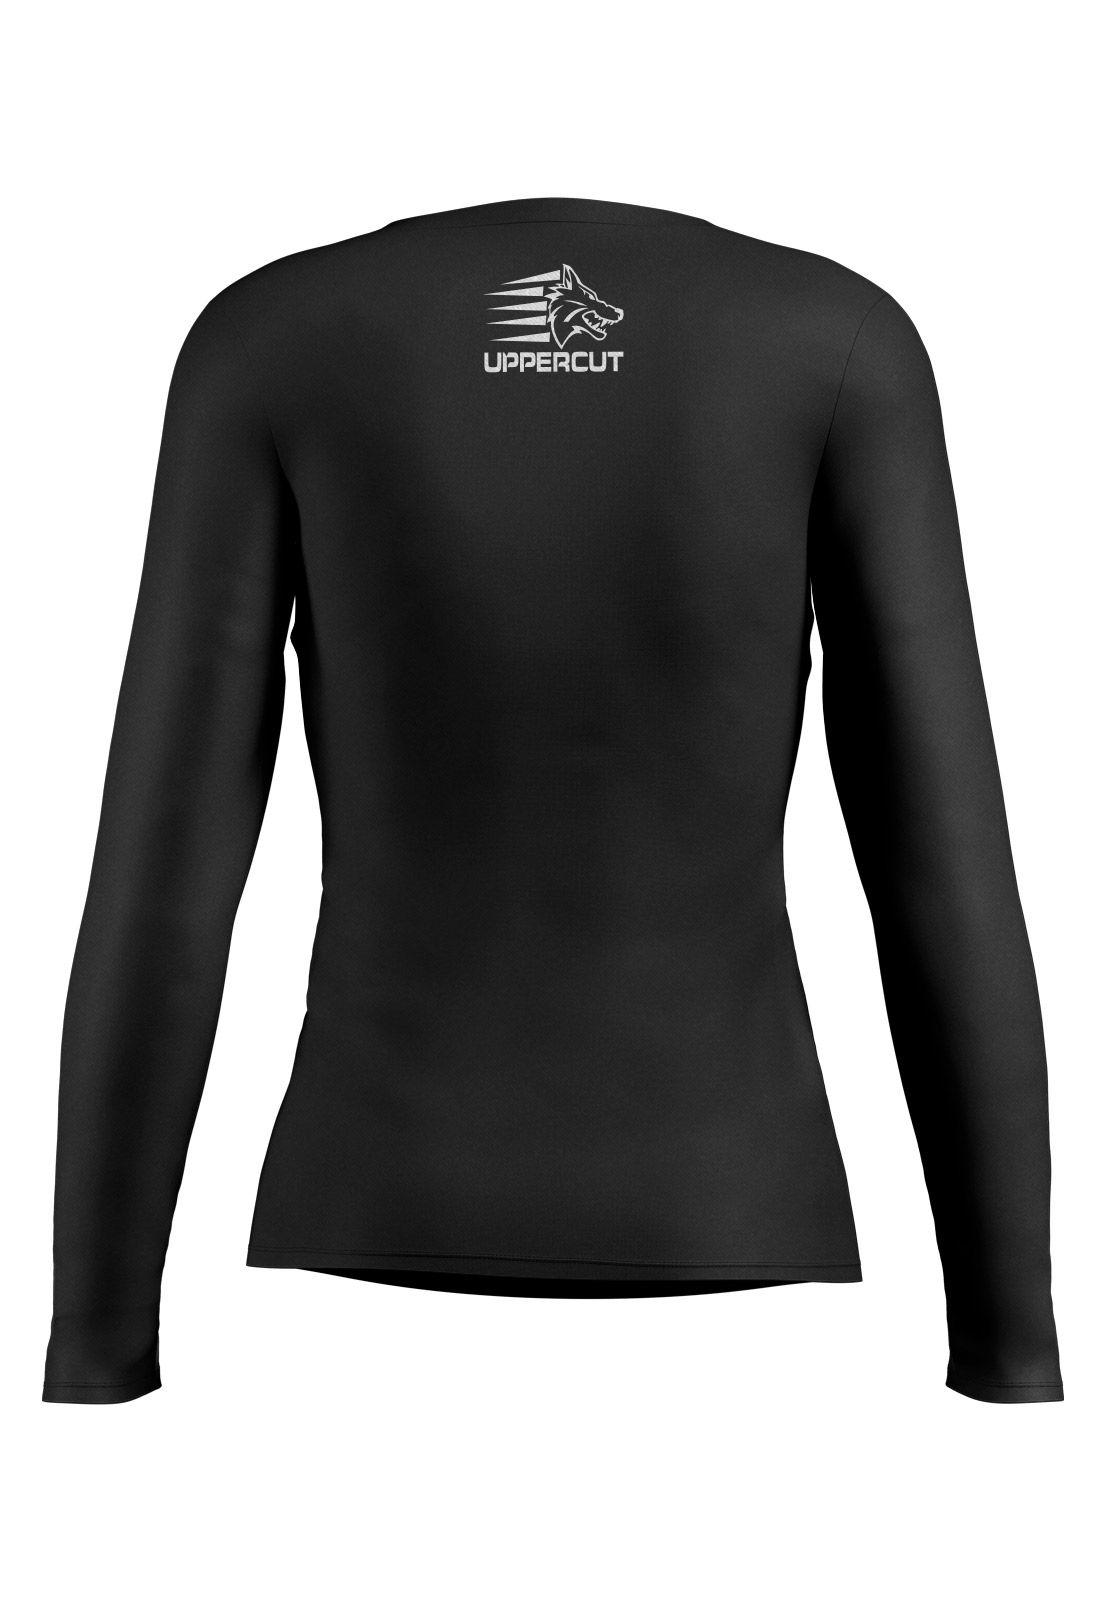 Camisa Corrida Térmica Lady Proteção Solar Uppercut